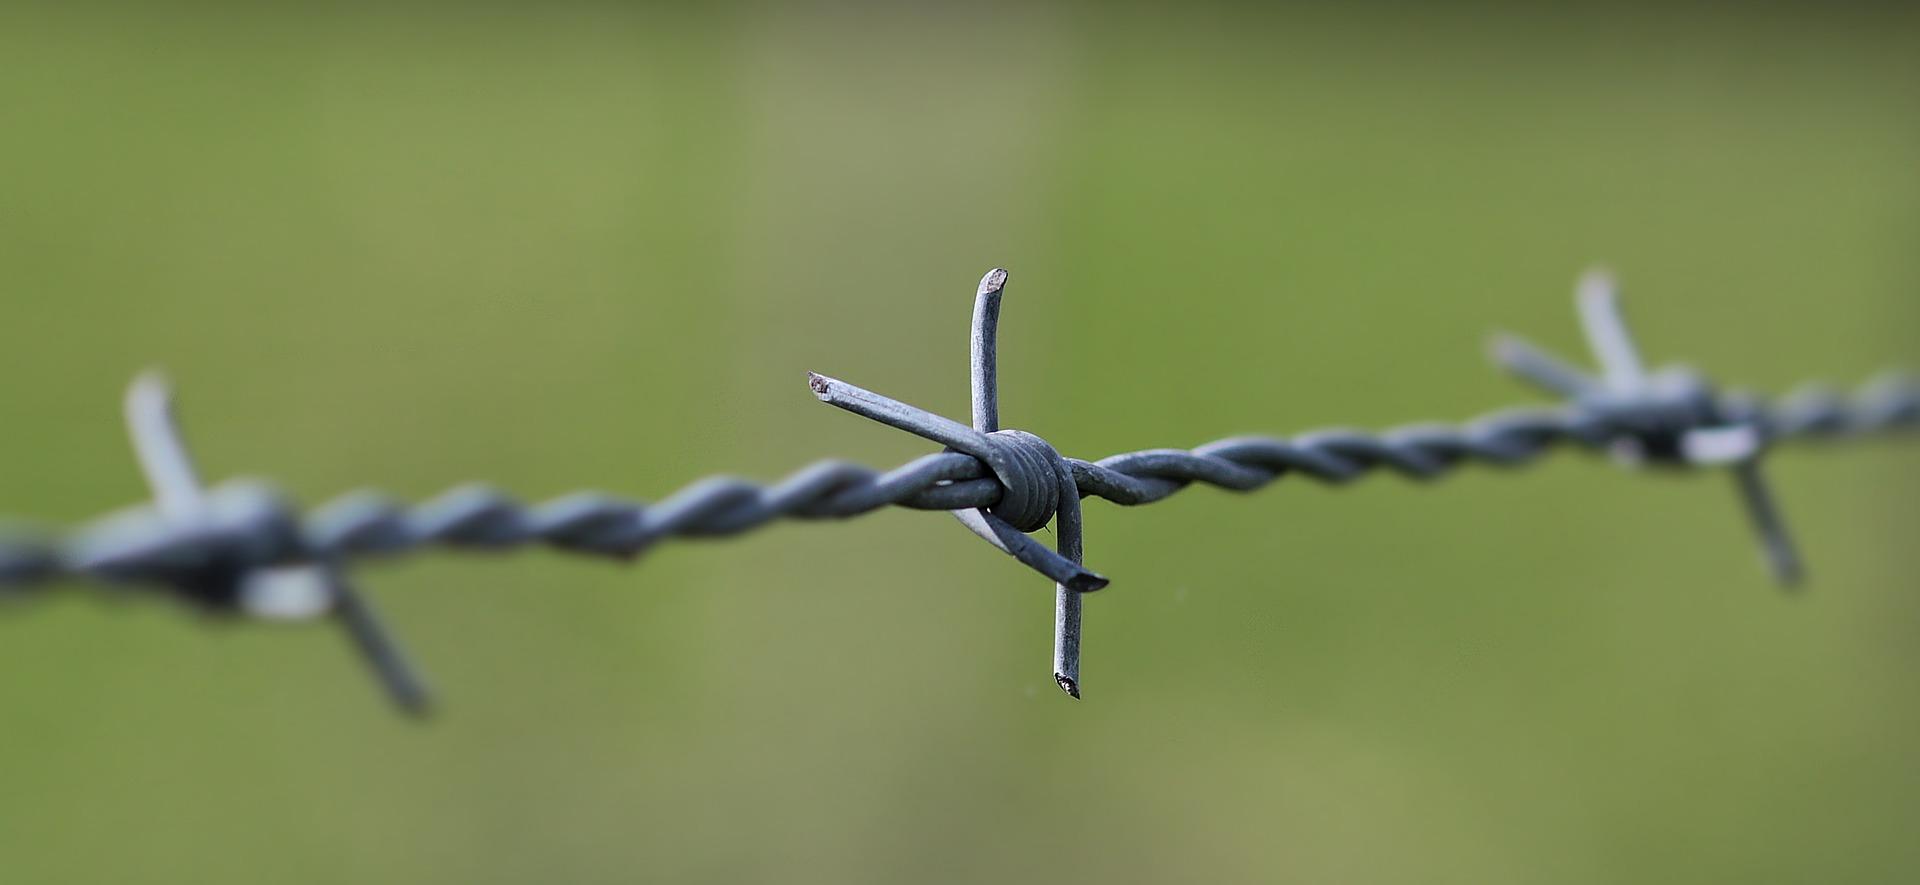 bariere, legislatie - sursa: Pixabay